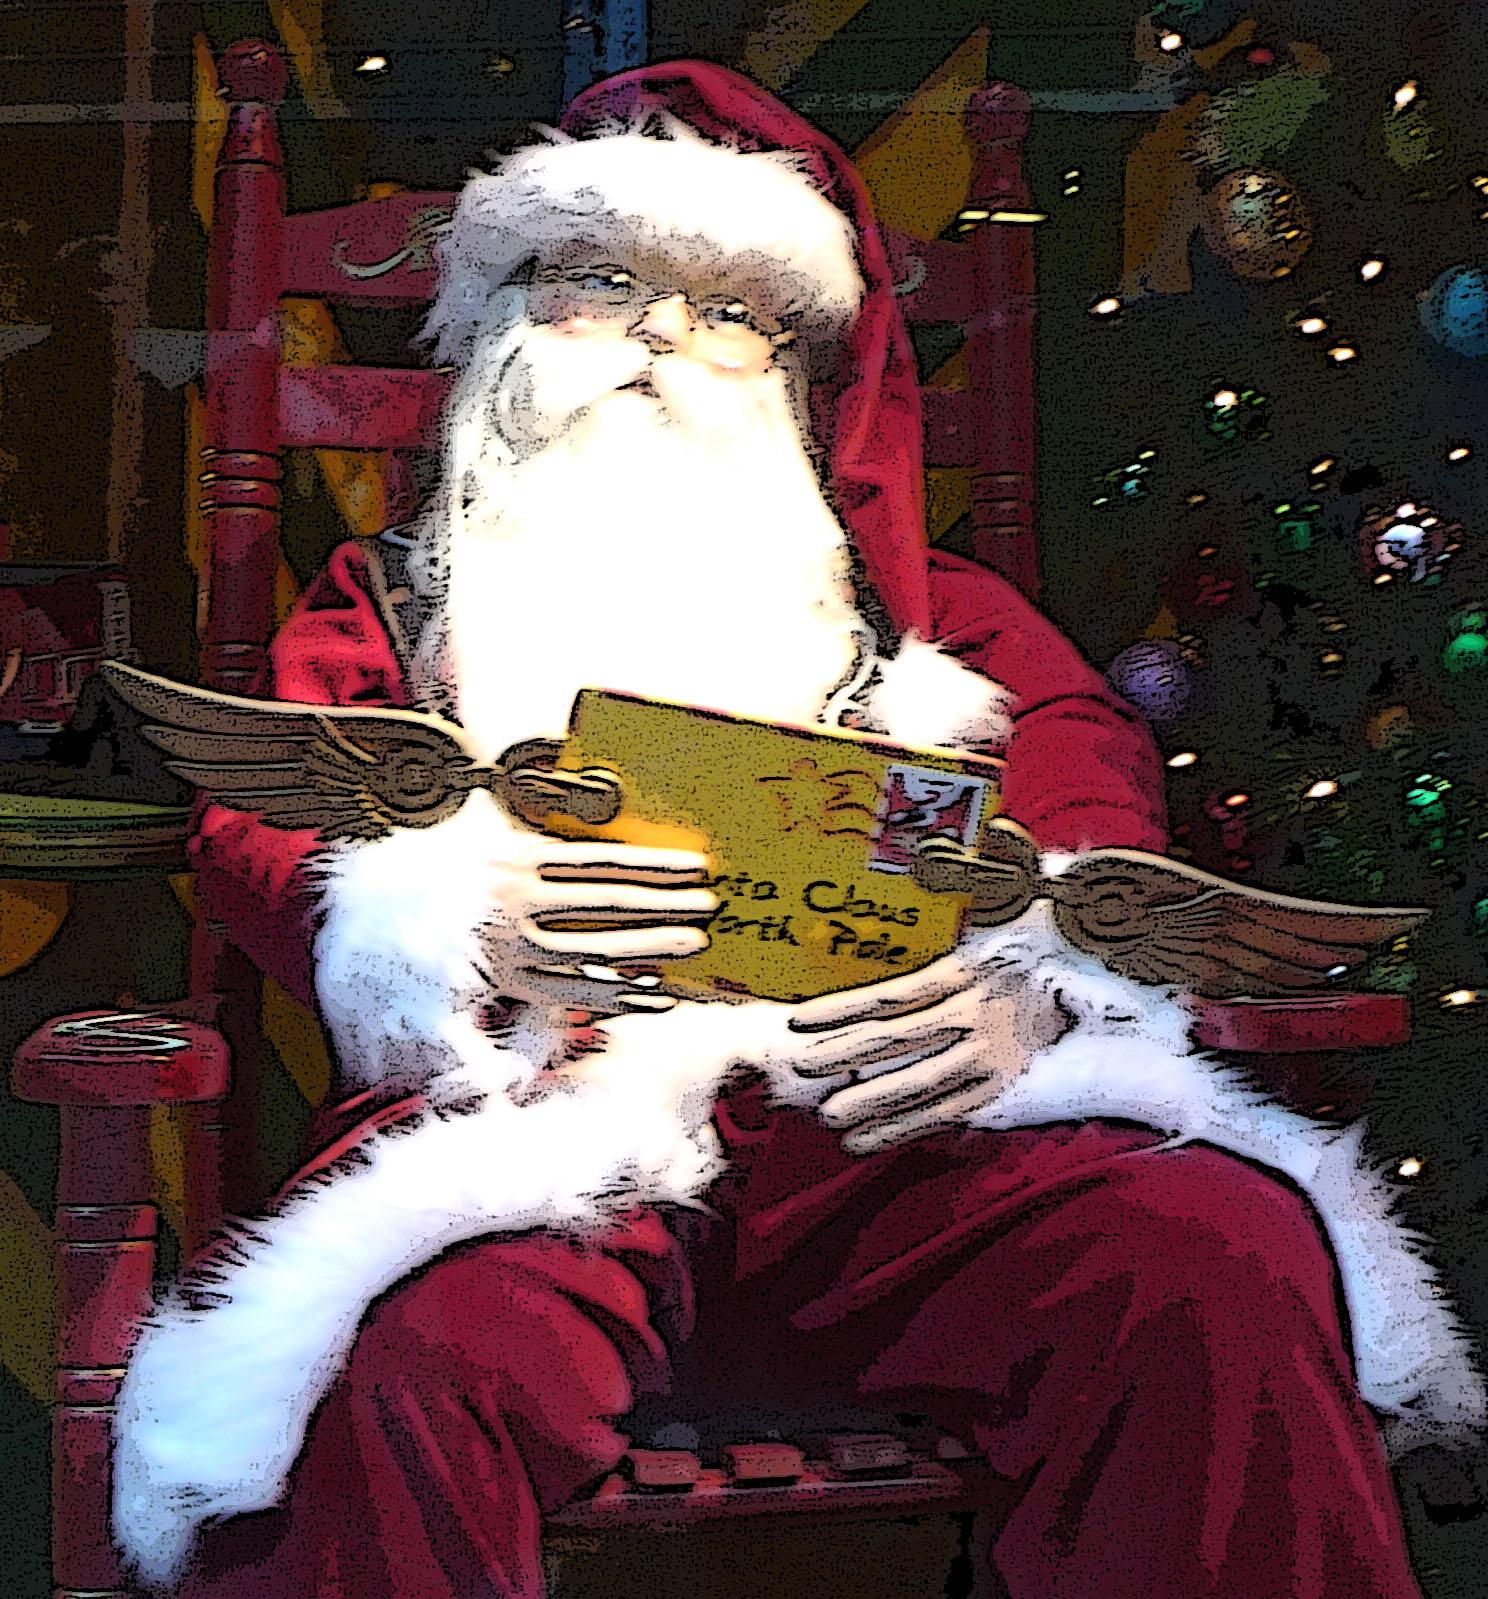 Santa Claus at the North Pole